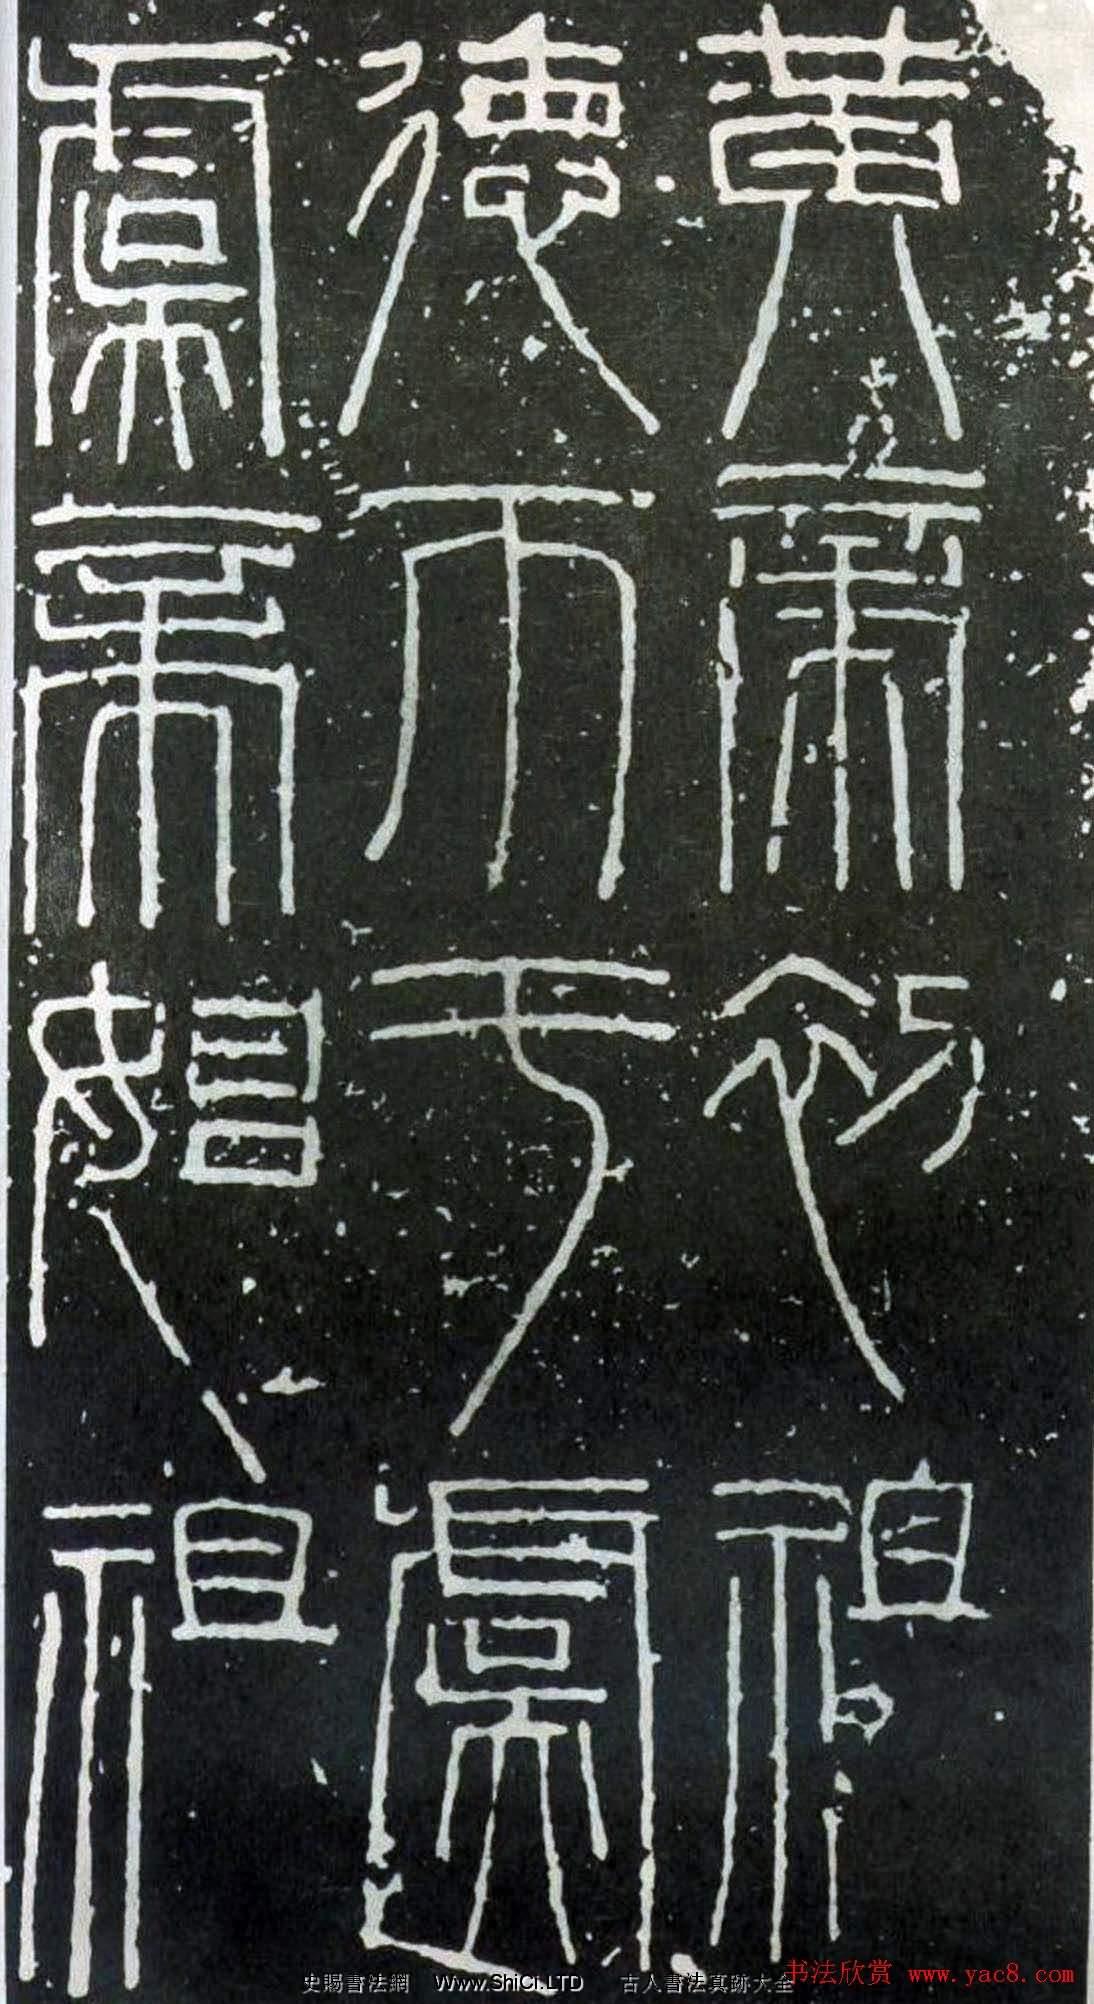 西漢篆書真跡欣賞銅器《新莽嘉量》(共7張圖片)